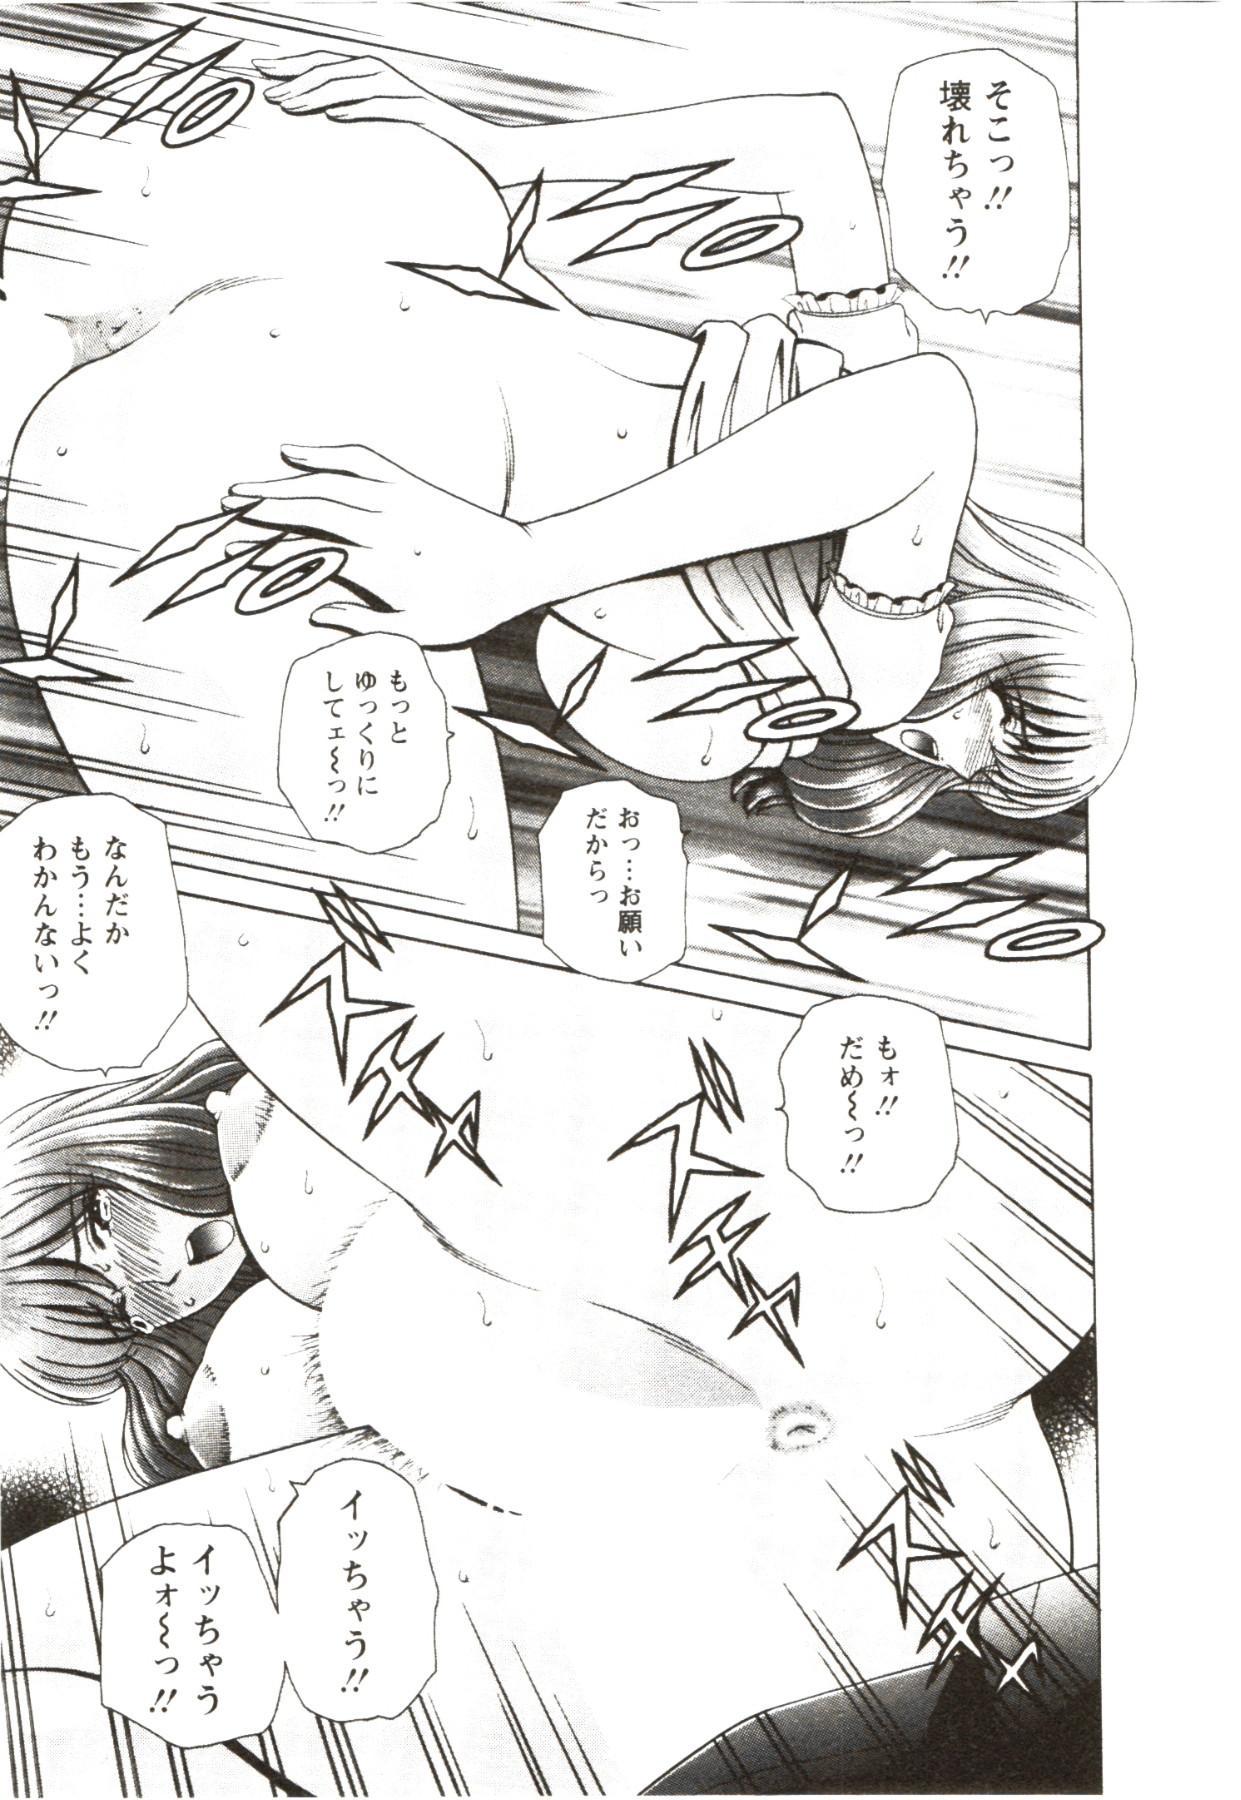 Futarigurashi 54